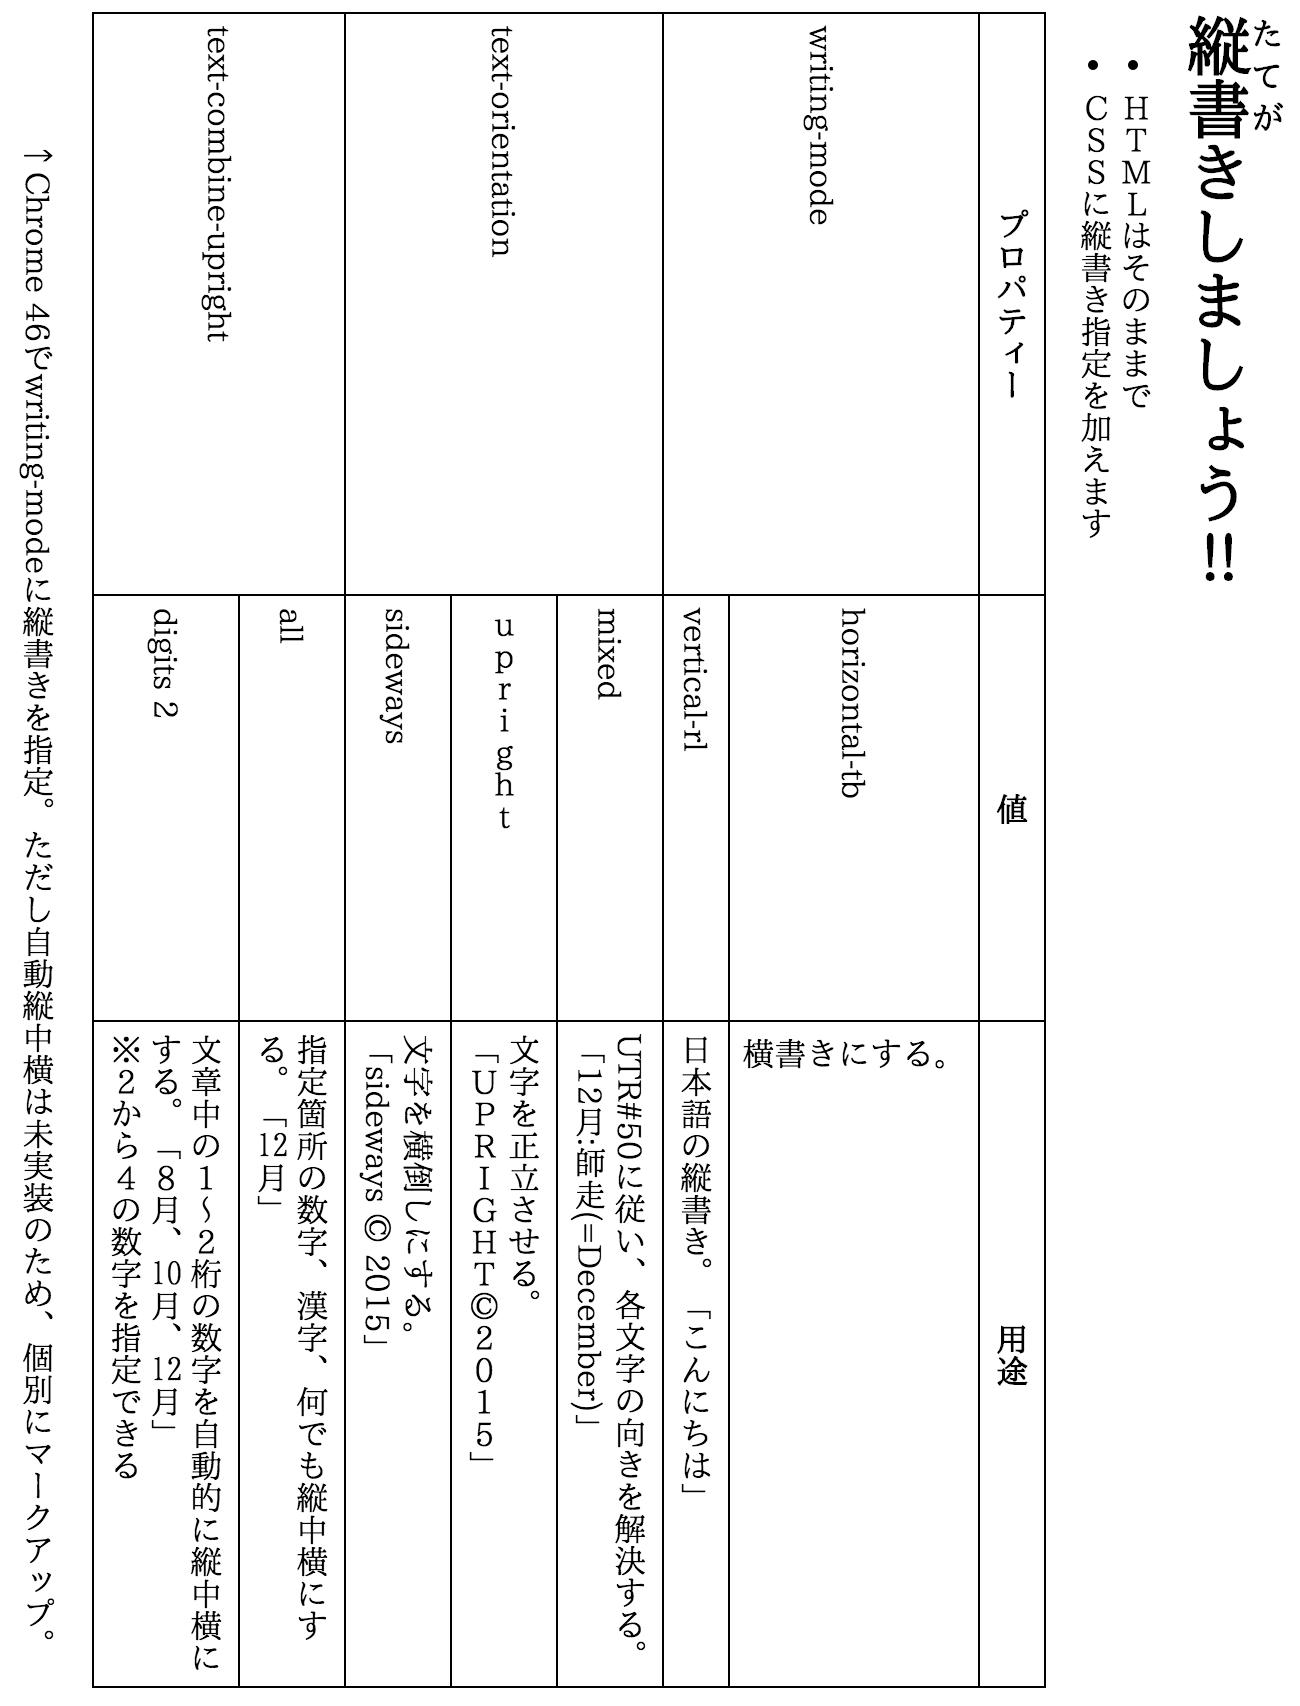 次世代Webブラウザのテキストレイアウトに関する検討会による縦書きレイアウトの表示例